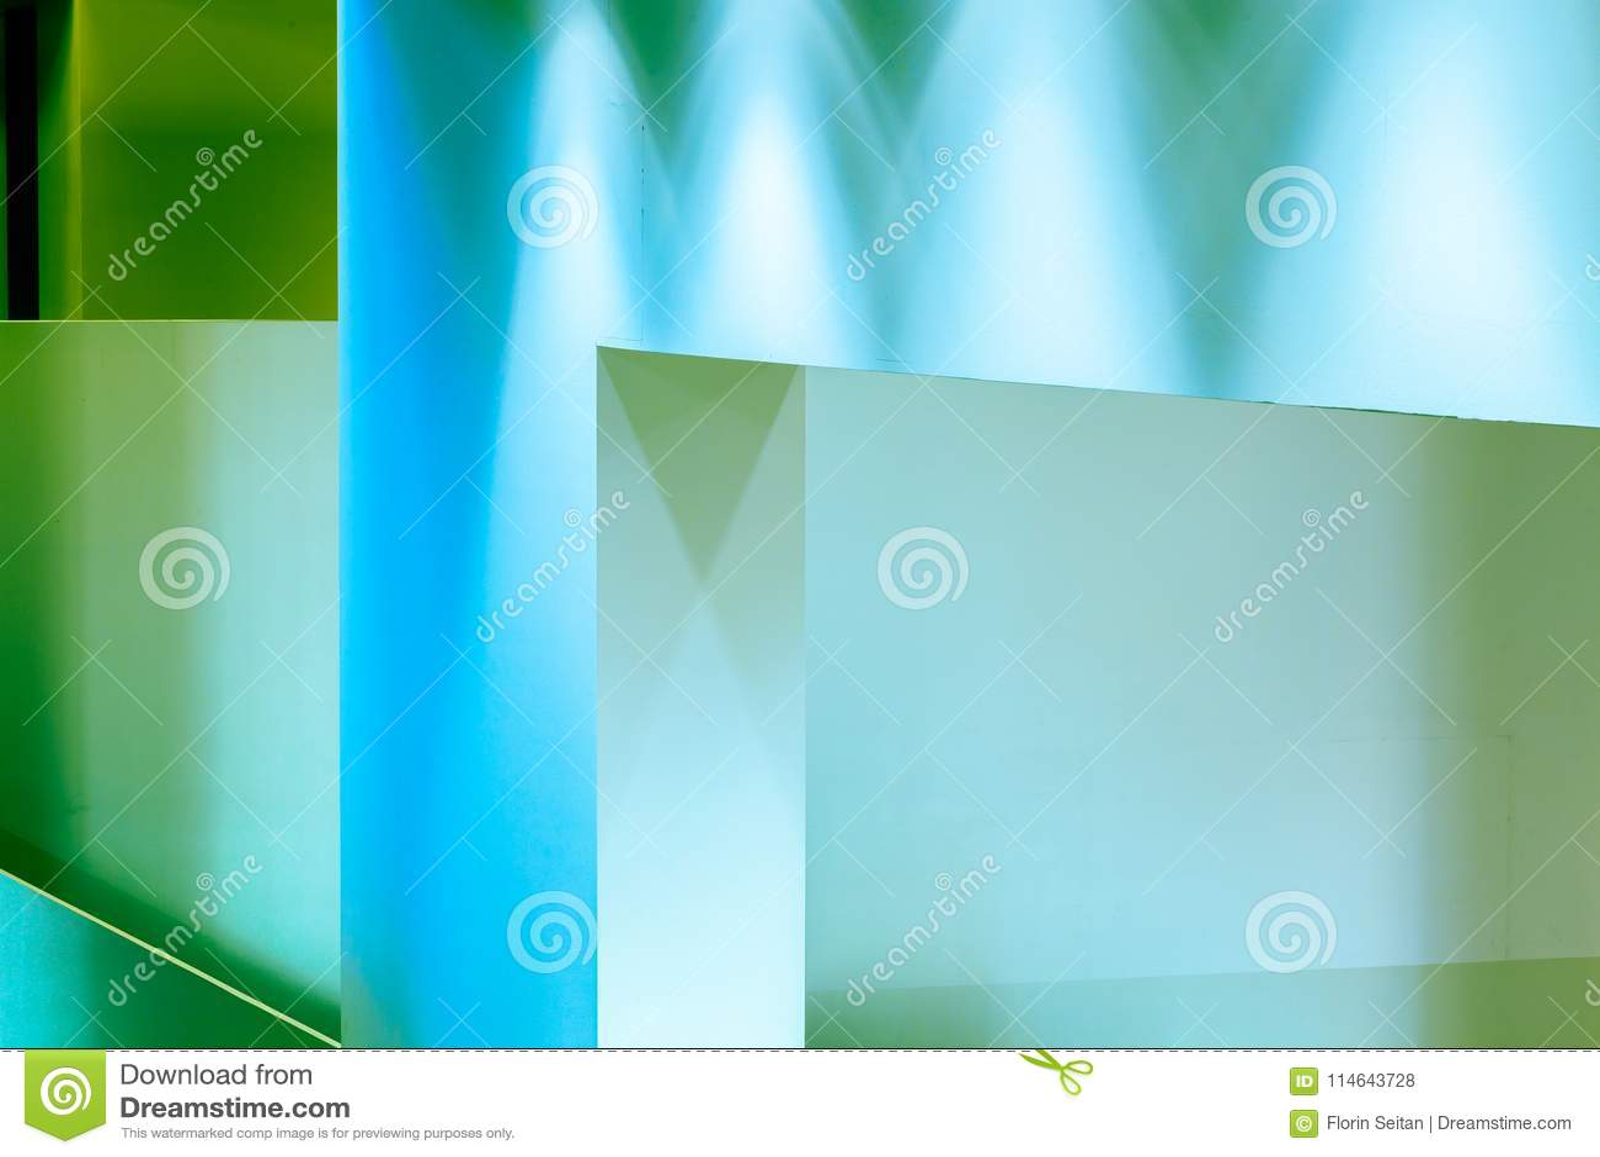 Luz Blanca Interior De Las Paredes Pintada En Fondo Geometrico Azul - Paredes-pintadas-de-azul